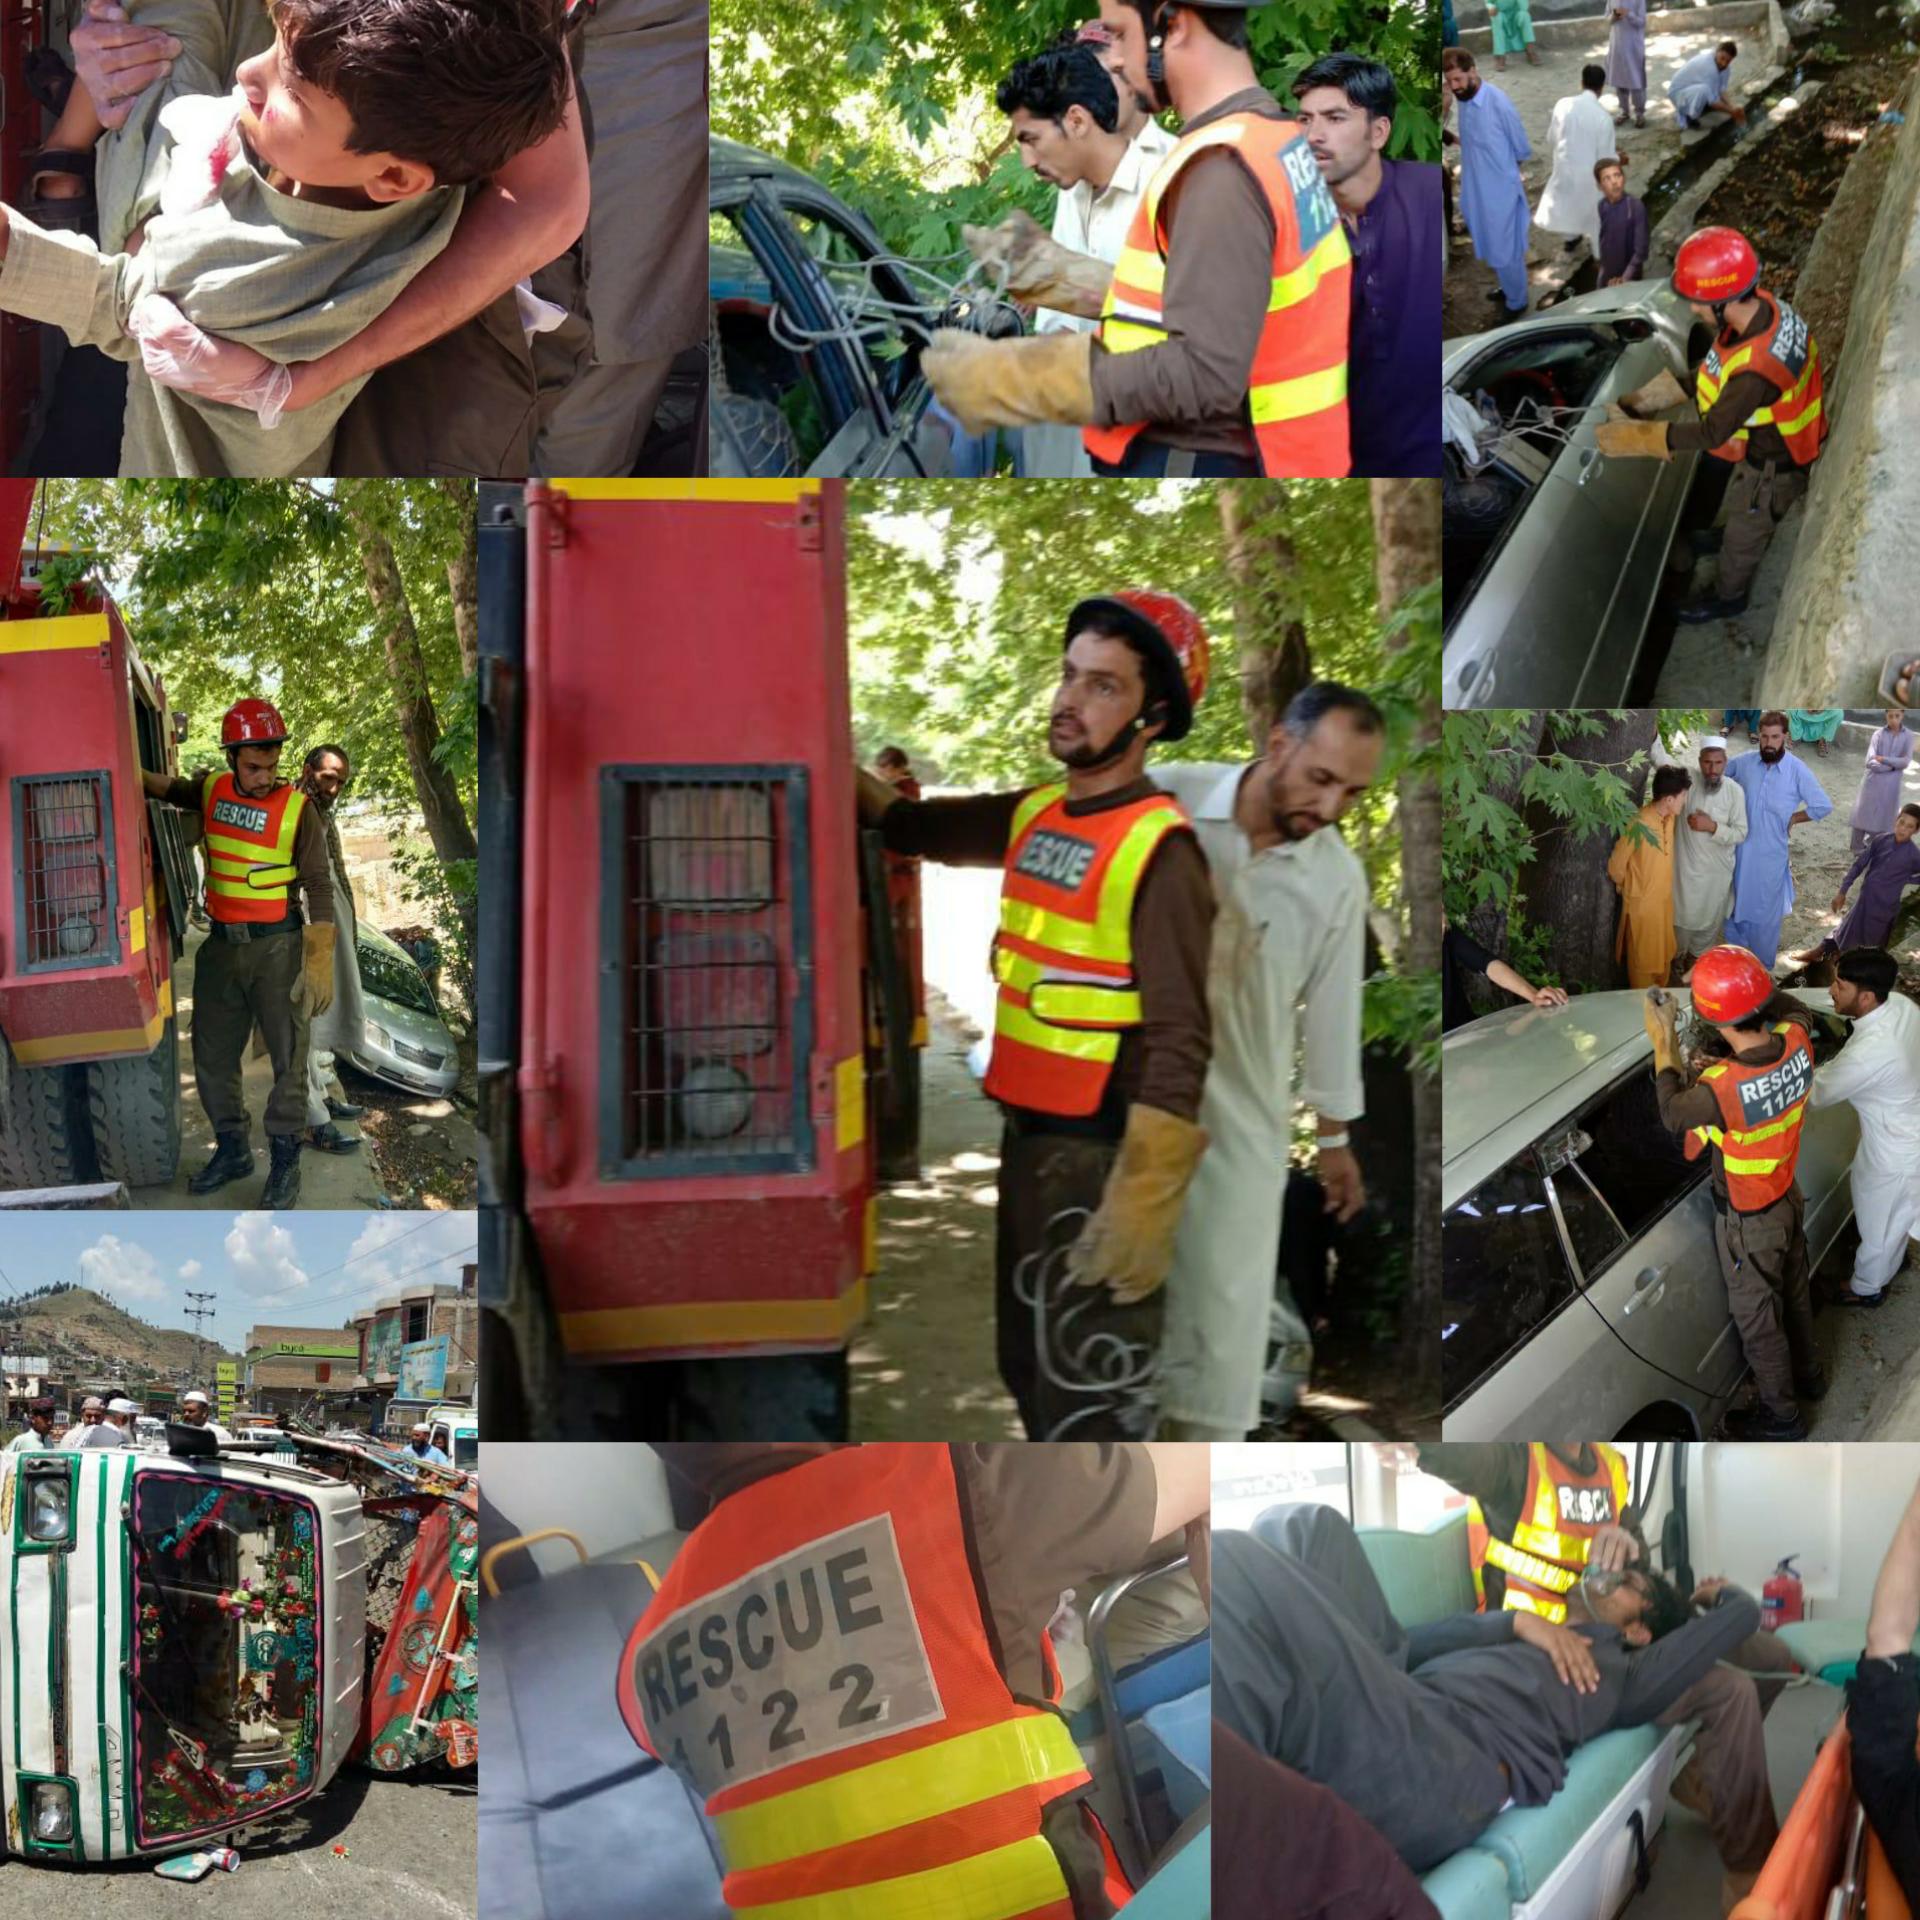 سوات بھر میں حادثات ، متعدد افراد زخمی